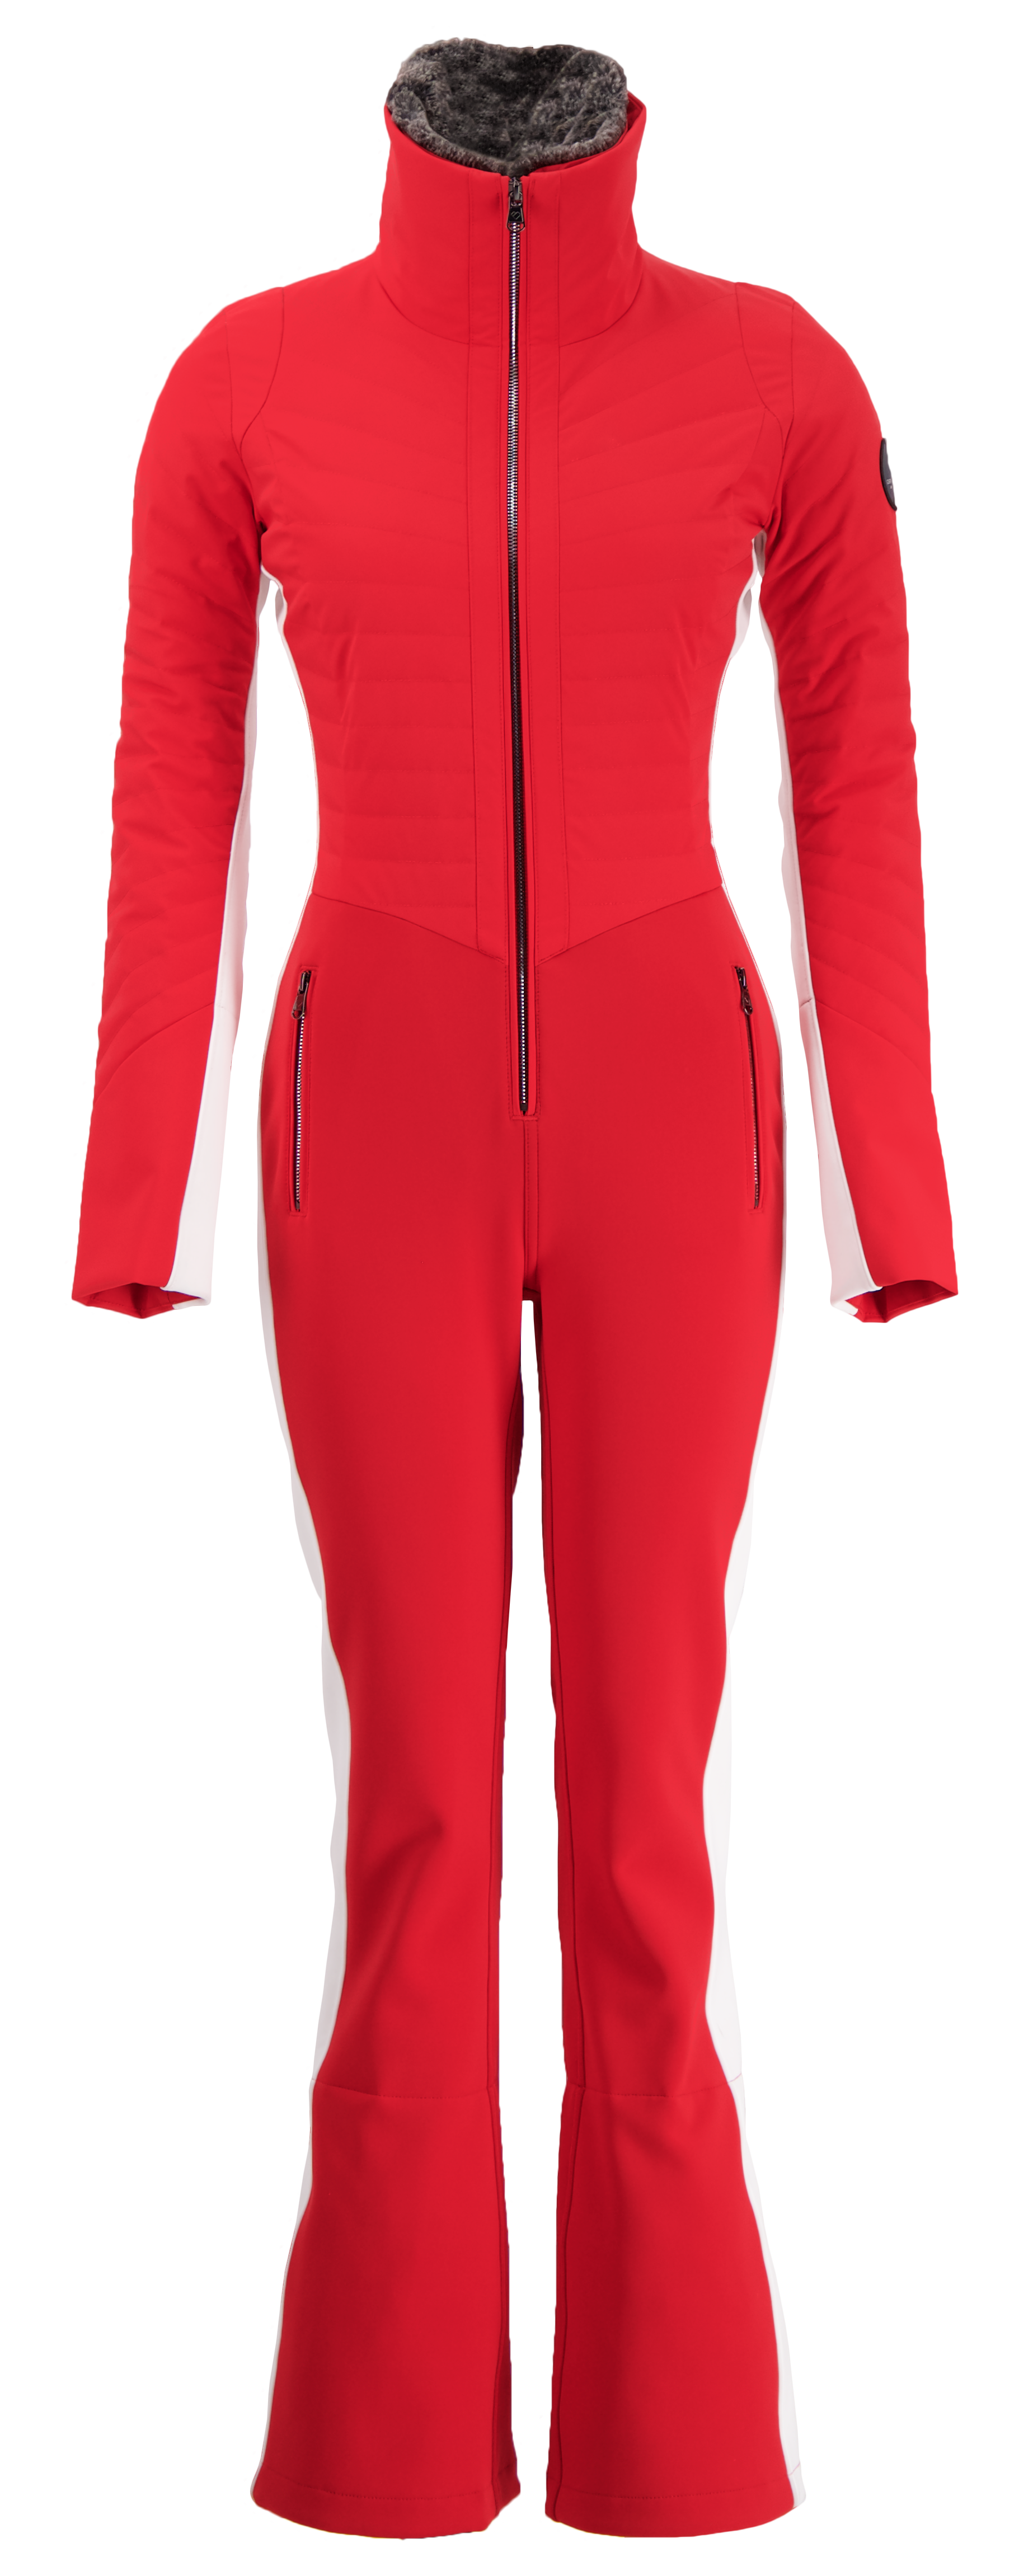 The 2021 Atomic Vantage 90 Ti W Women's All-Mountain Ski Thumb